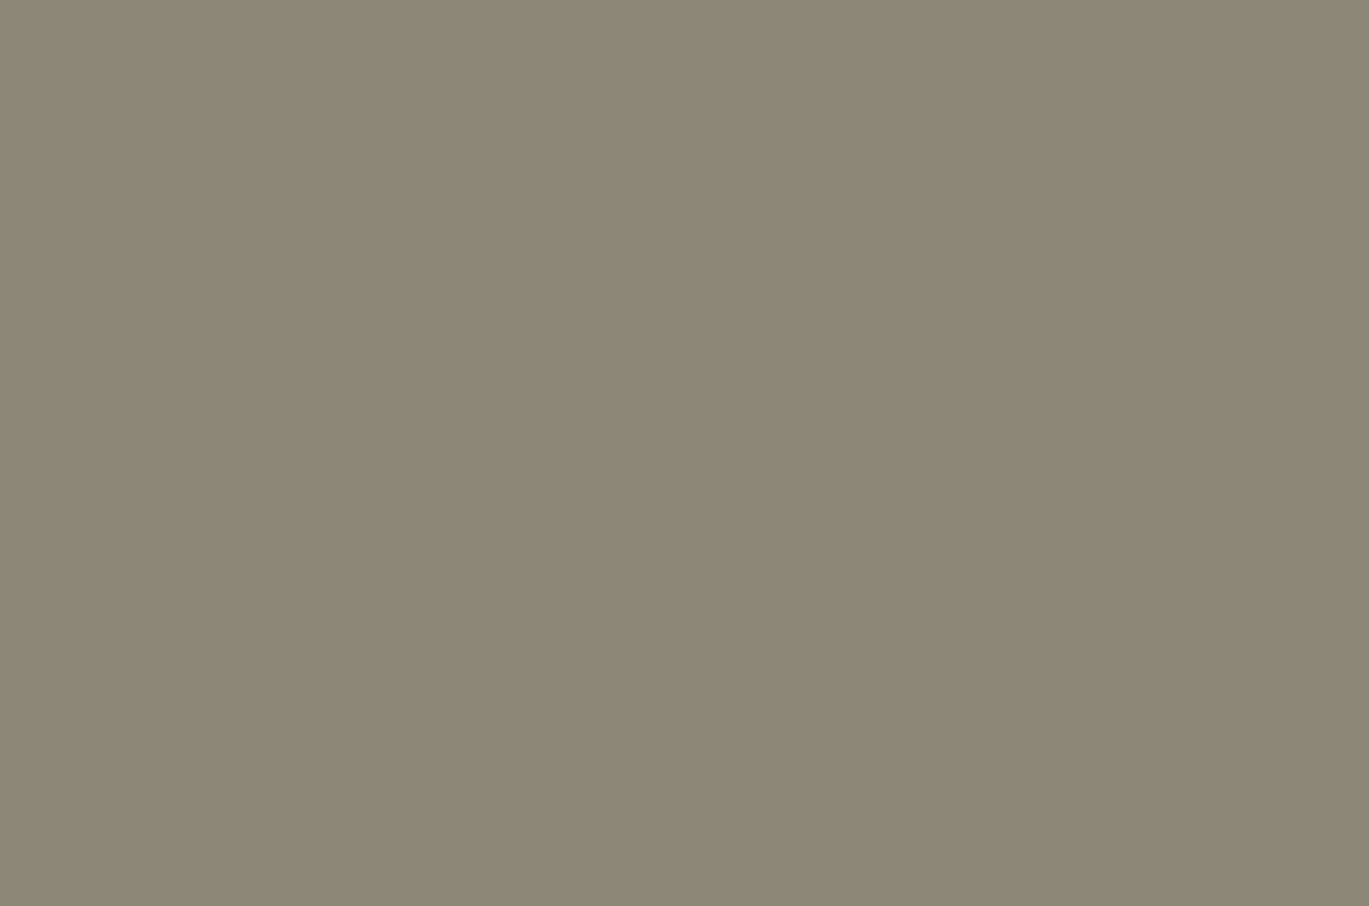 Павел Третьяков. Искусство принадлежит народу. Галерея 4. В Европу - за впечатлениями